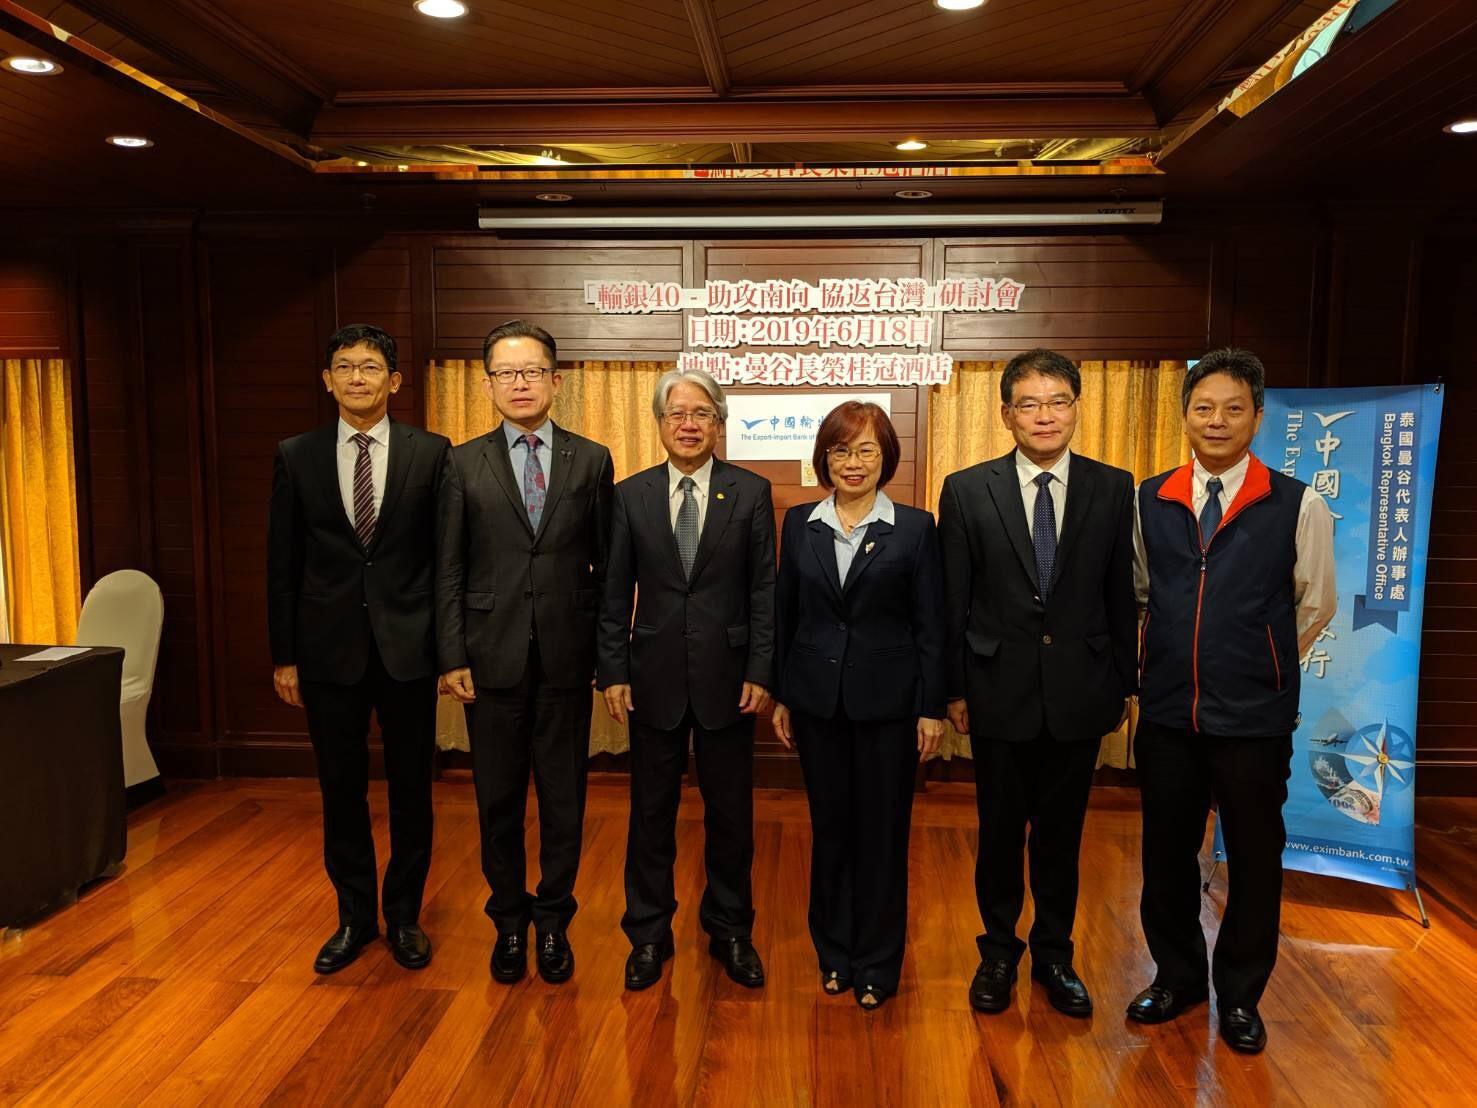 圖片說明-輸出入銀行支援泰國台商,助攻南向,協返台灣